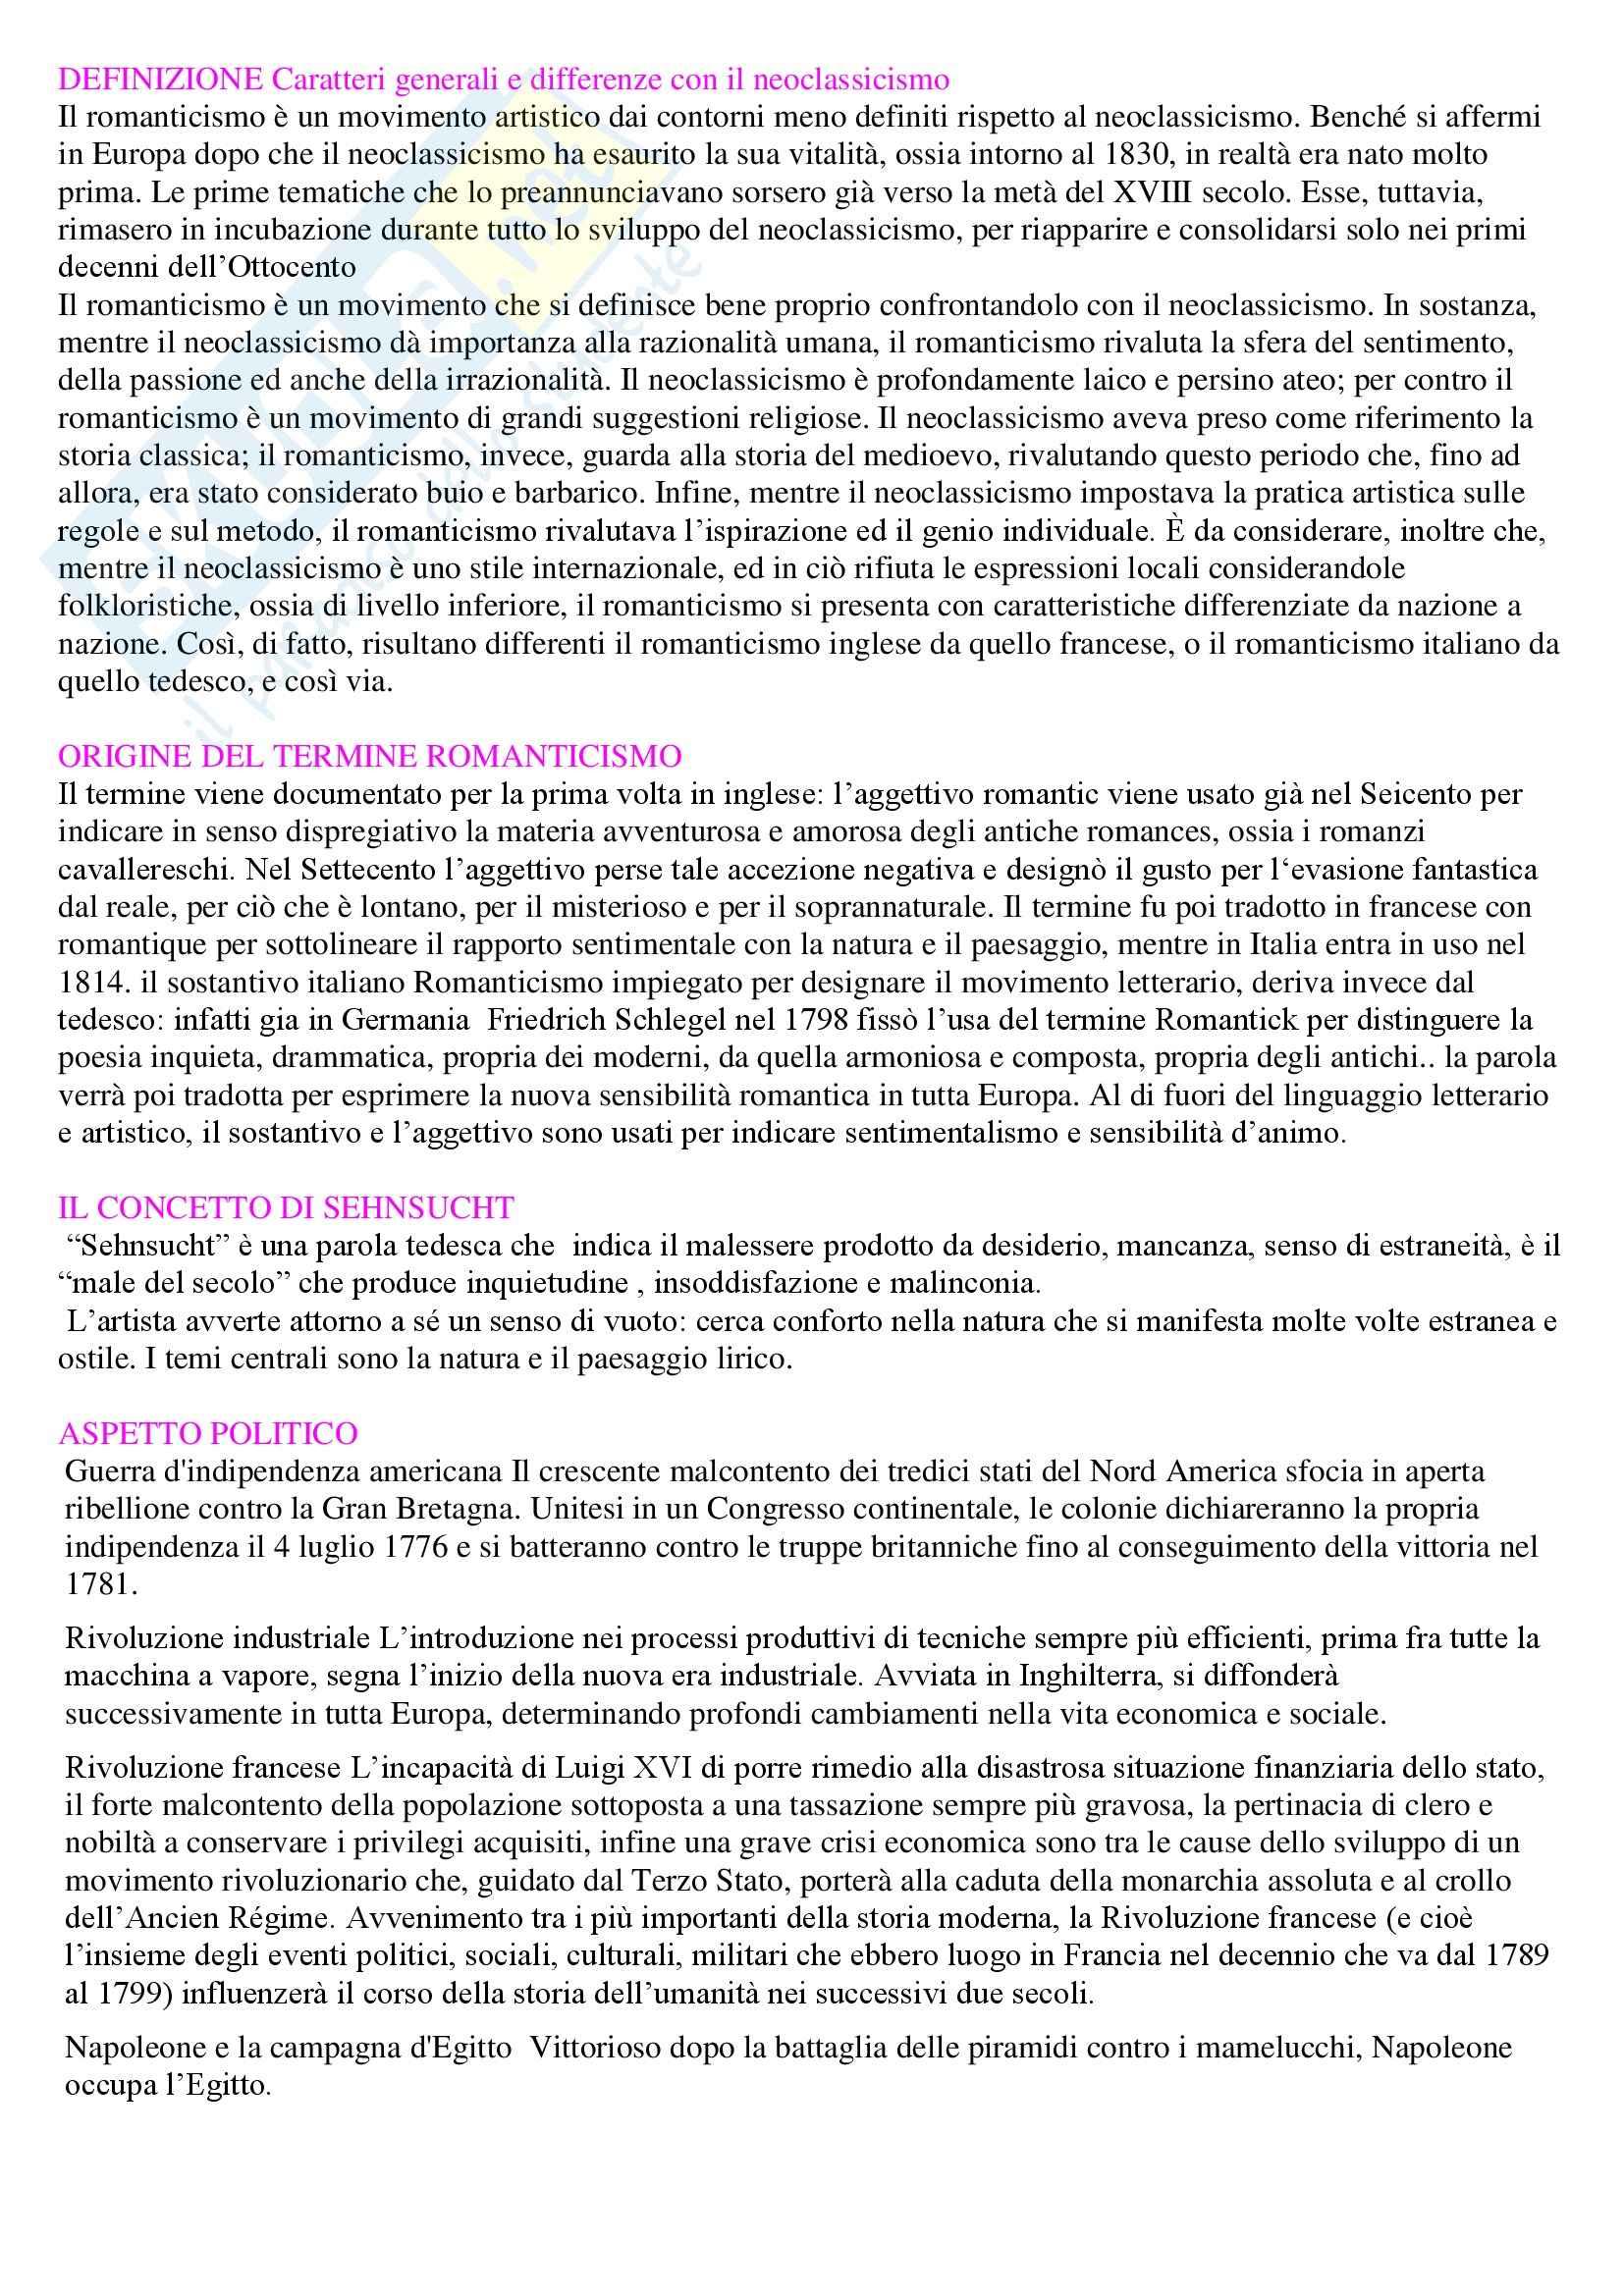 Letteratura italiana - Romanticismo